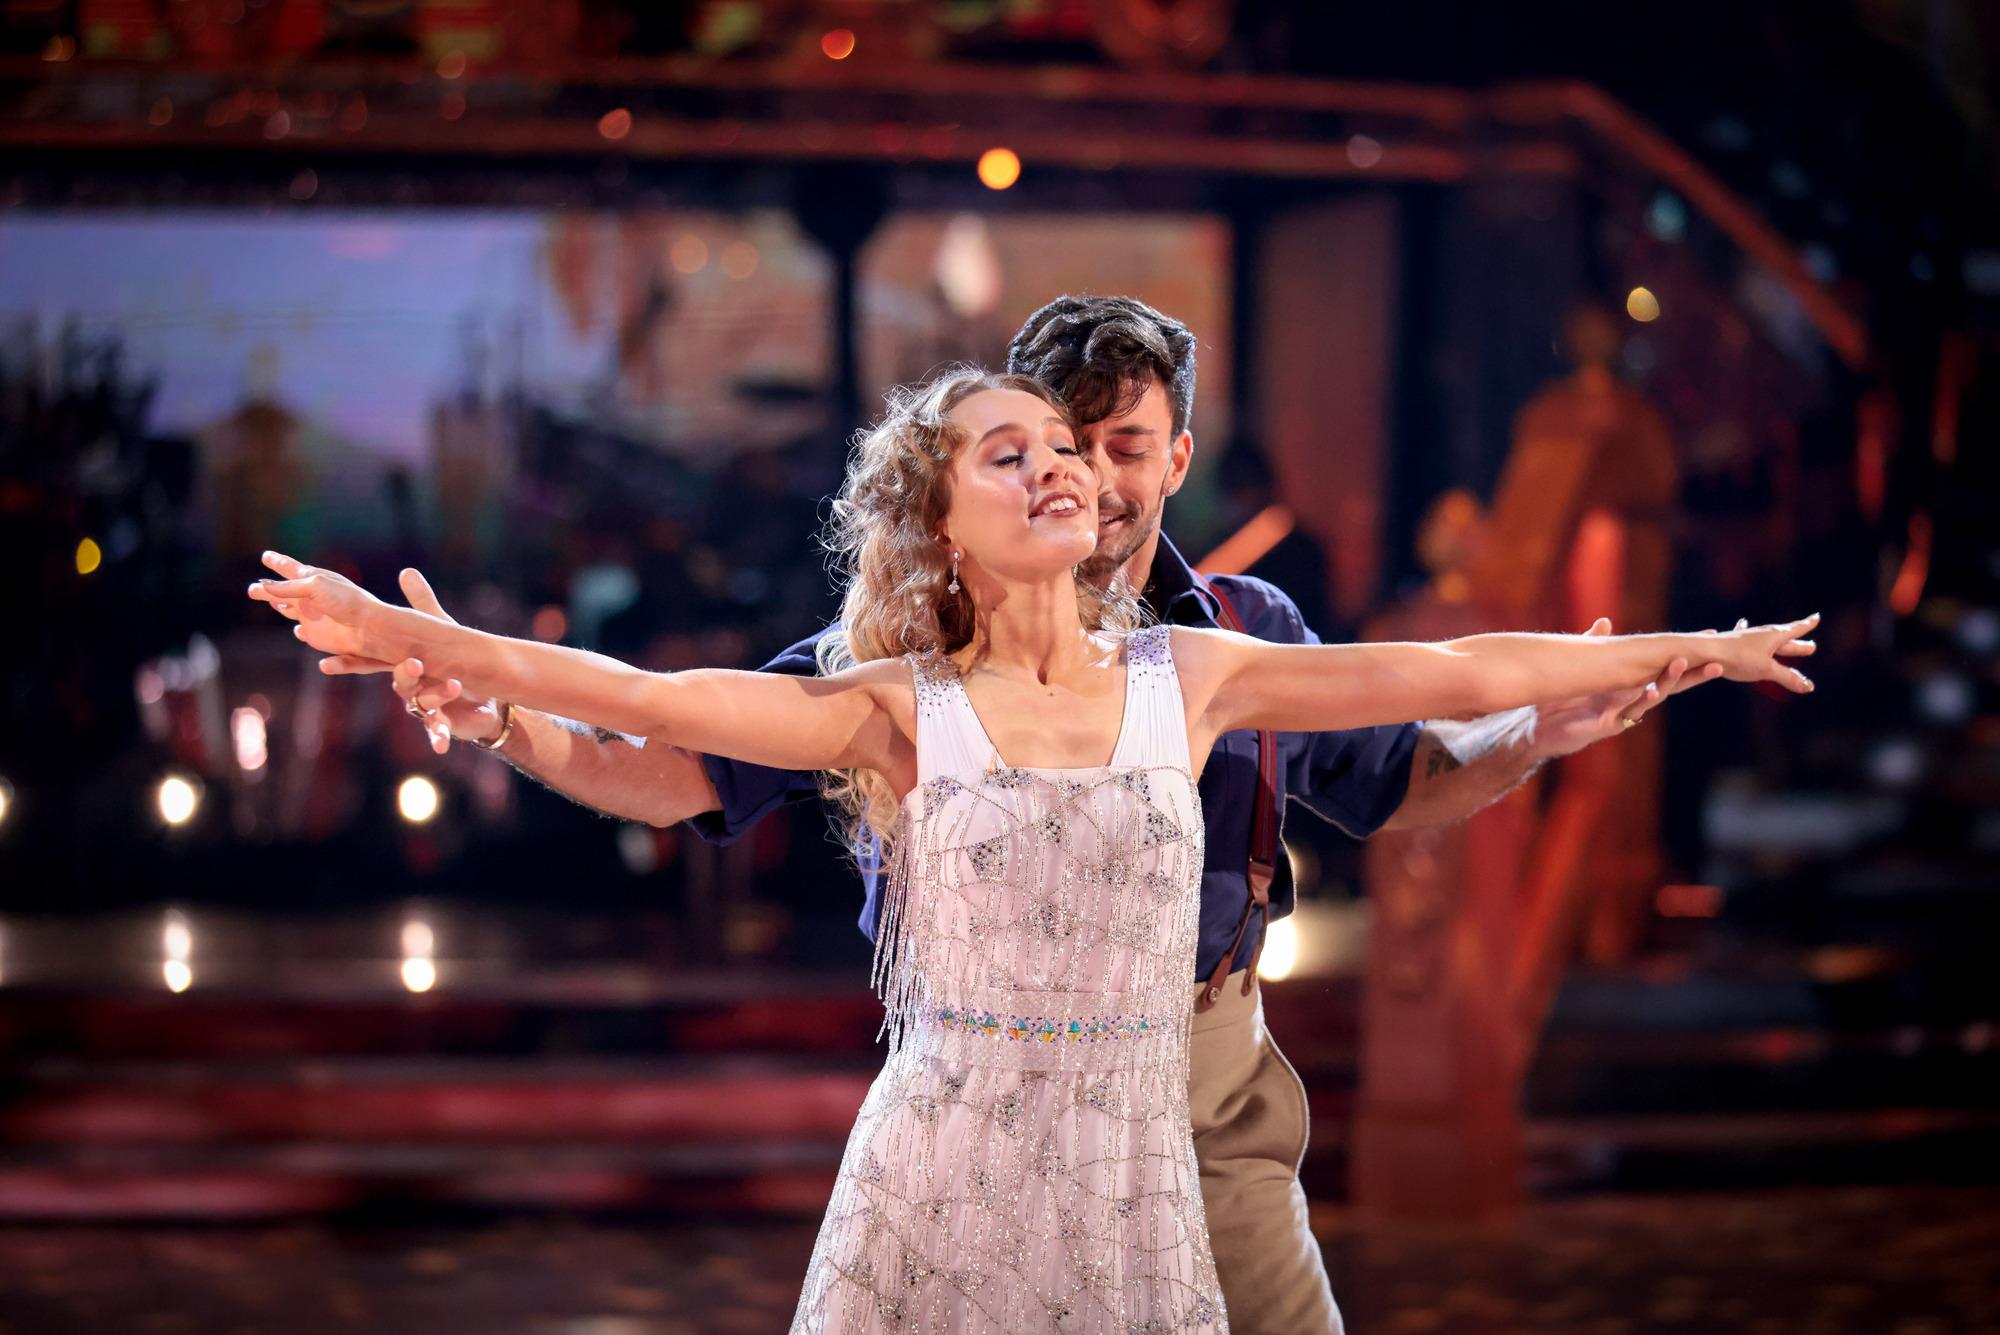 Rose y Giovanni en Move Week en Strictly Come Dancing